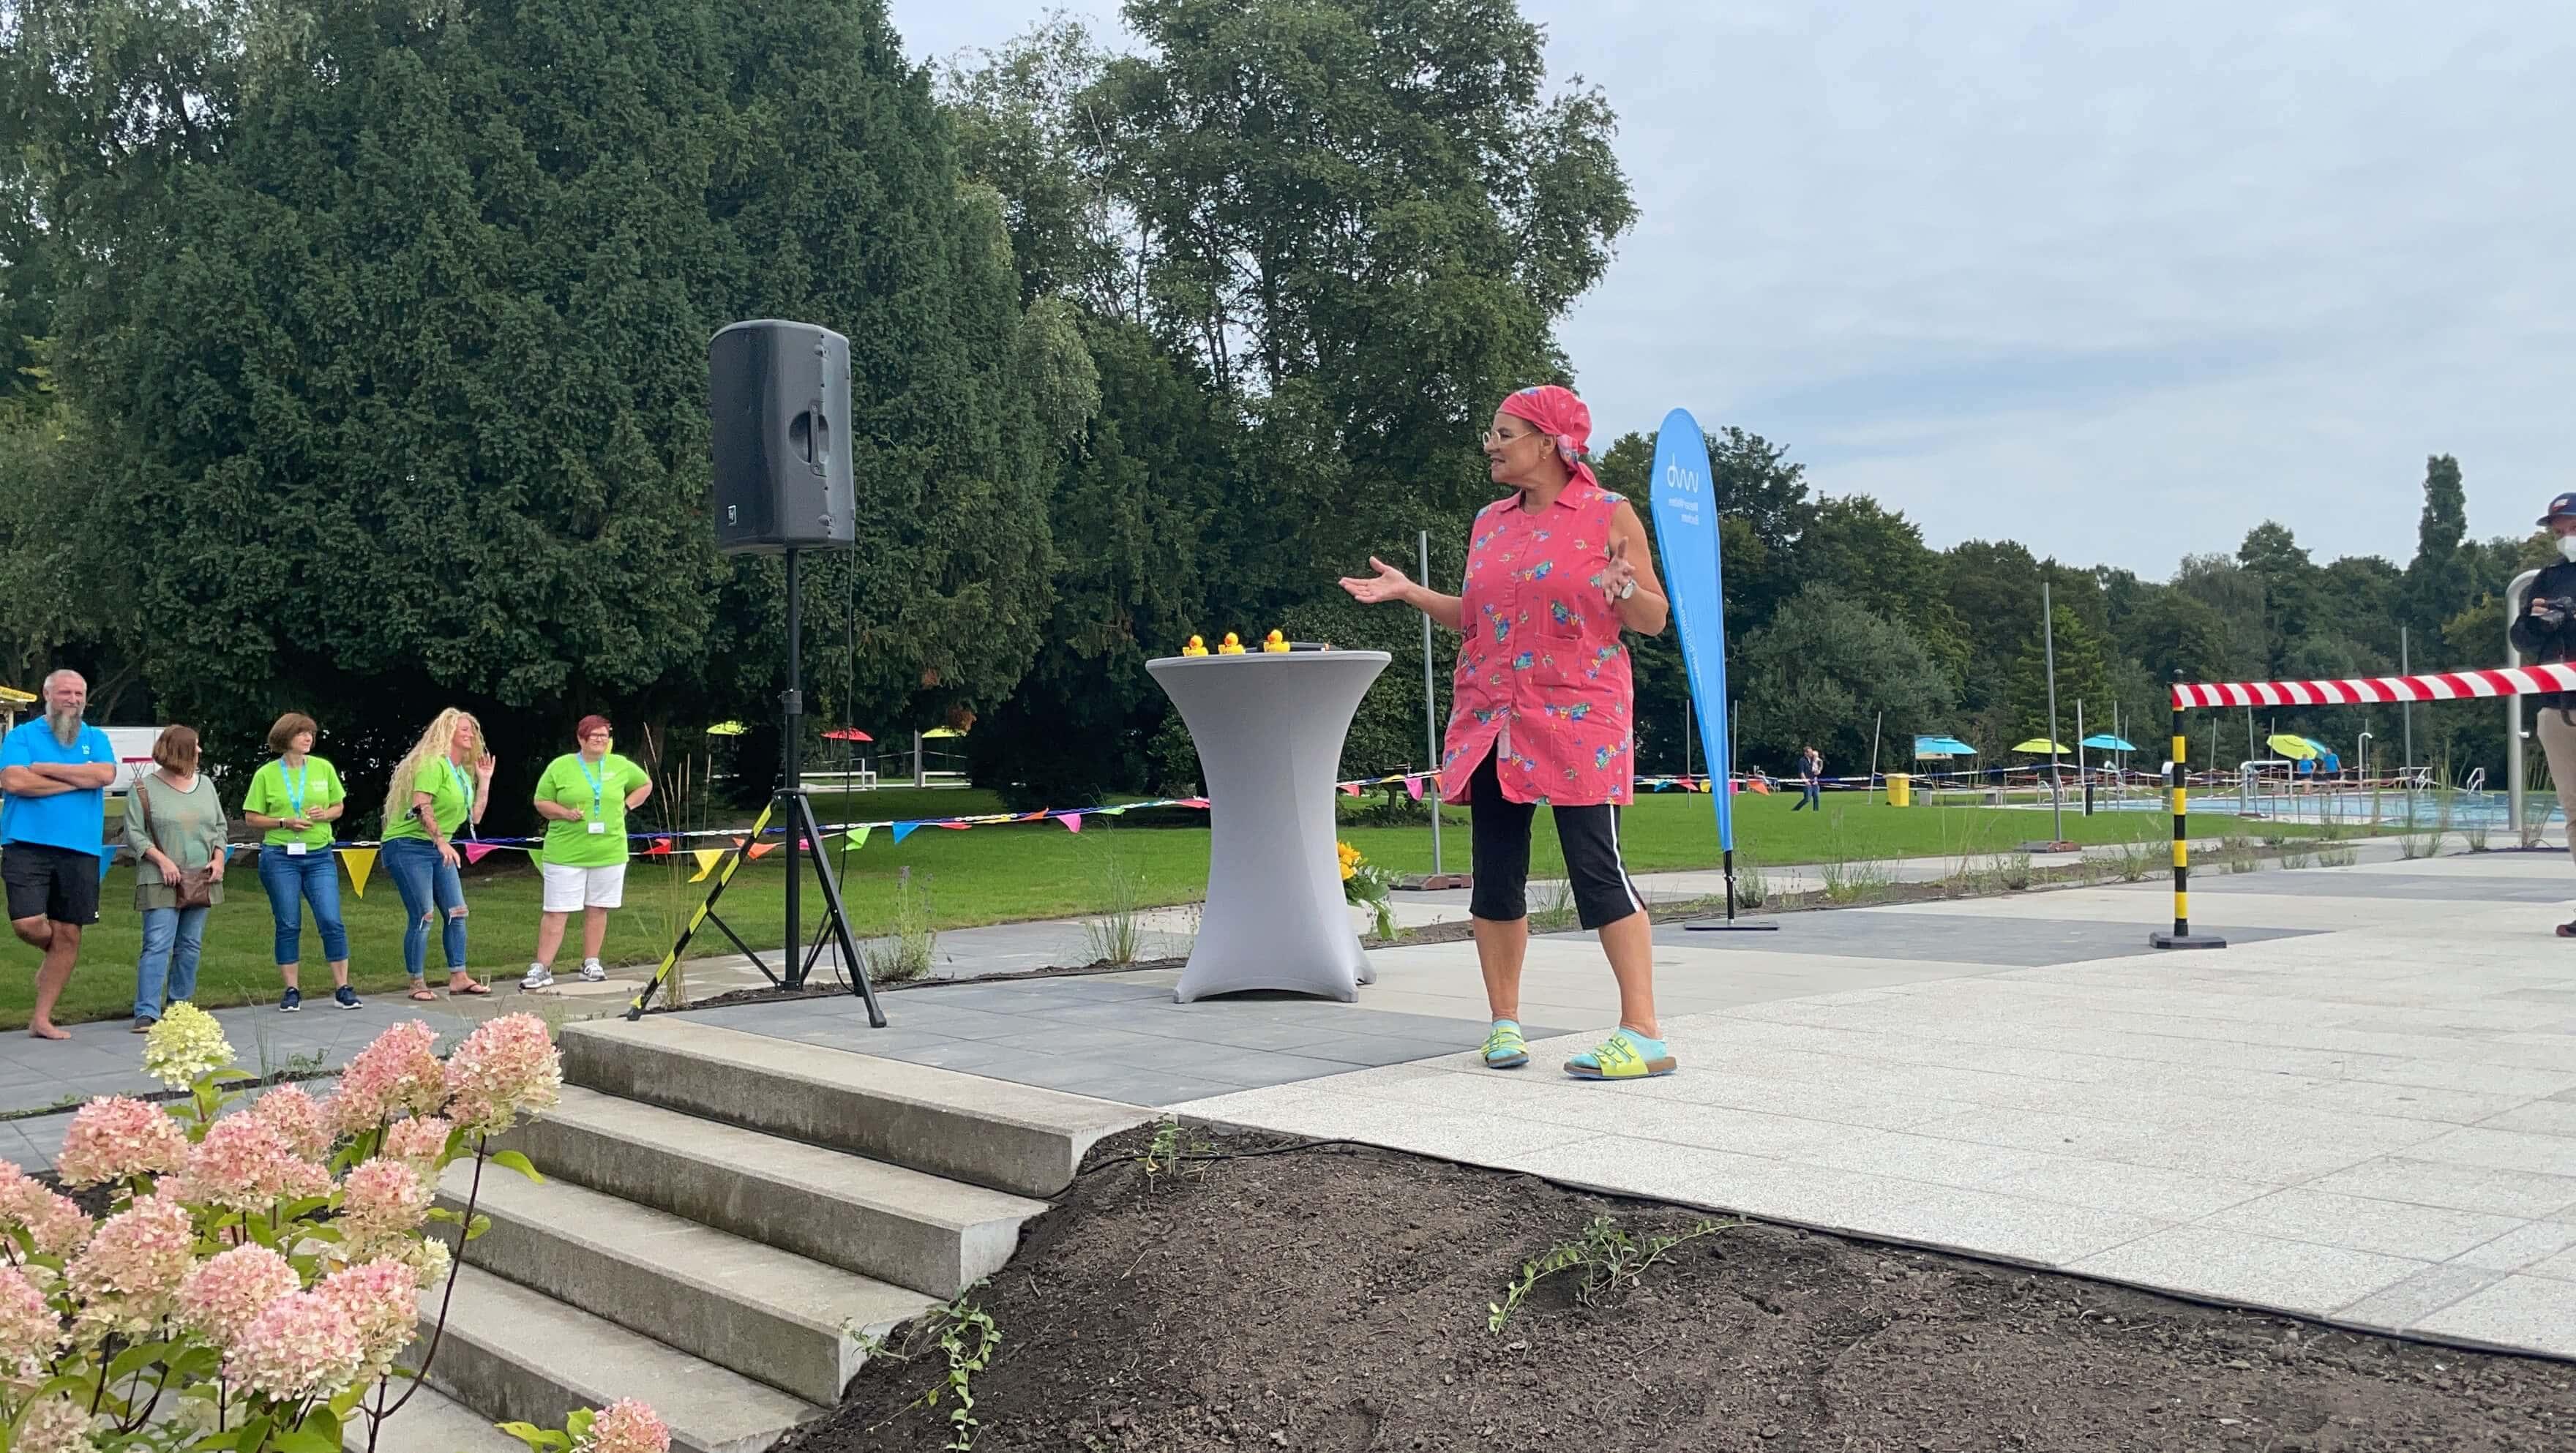 Freibad Werne (WasserWelten Bochum): Eröffnung mit der Reinigungsfachkraft Waltraud Ehlert (Esther Münch)